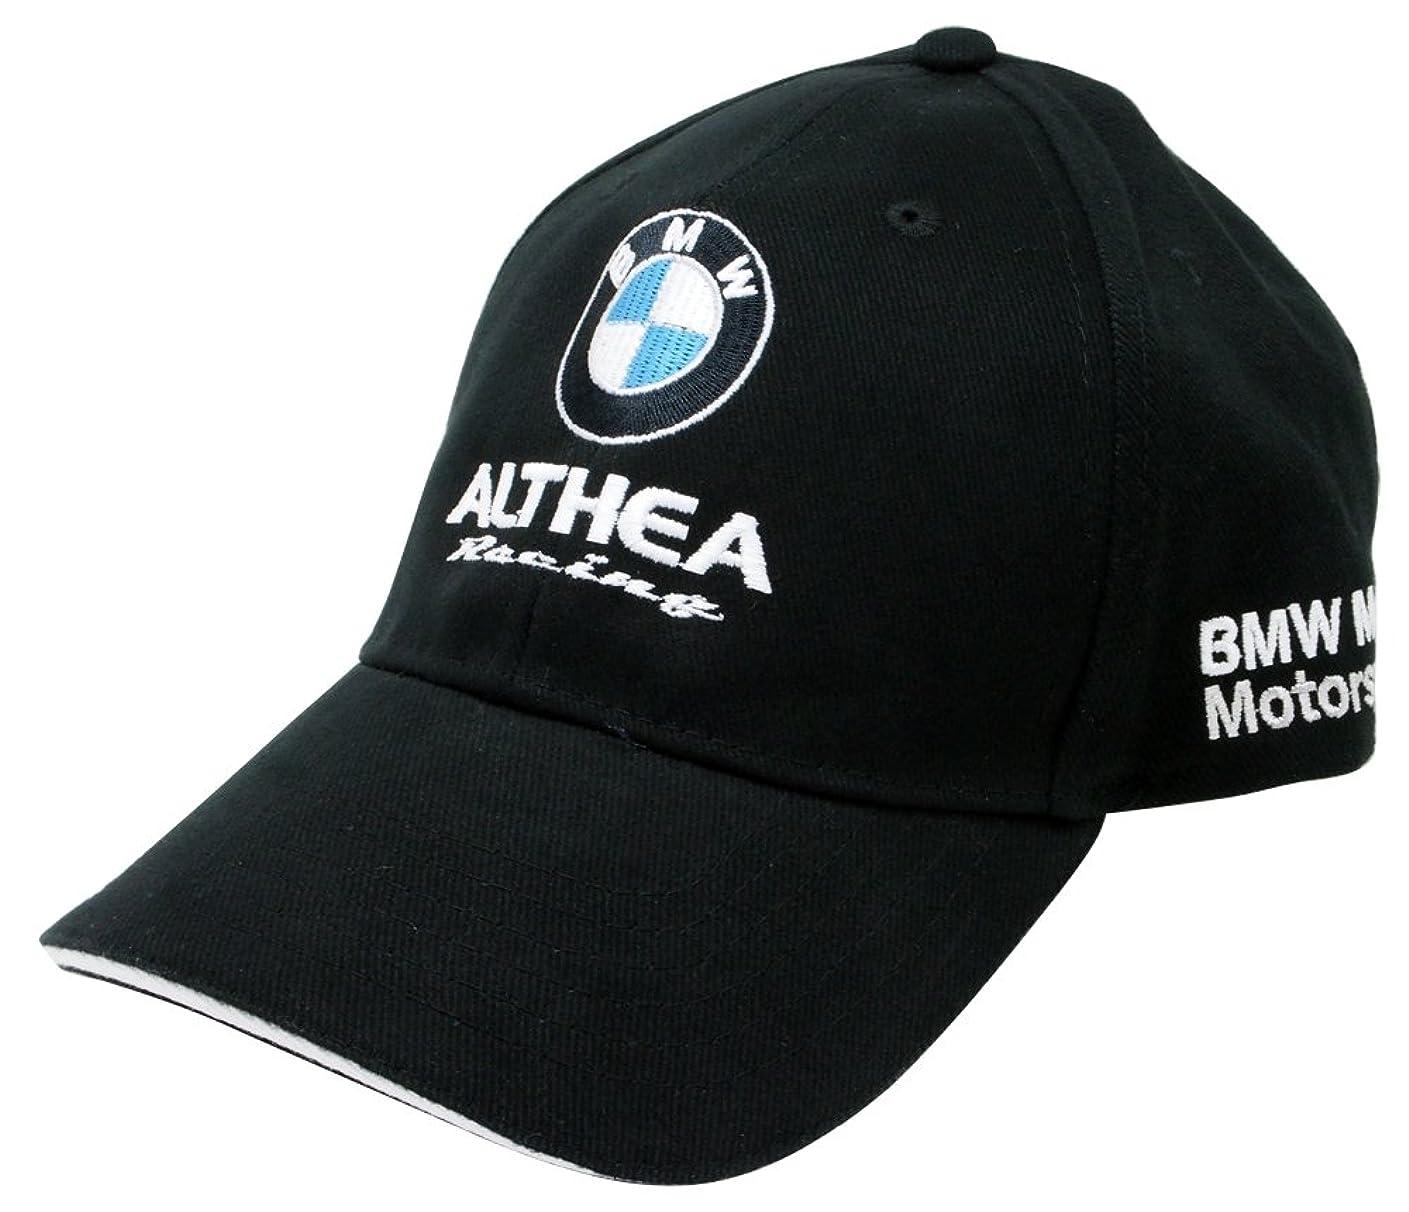 空白サルベージ大佐[ BMW ] BMW ガルフ モータースポーツ オフィシャル CAP